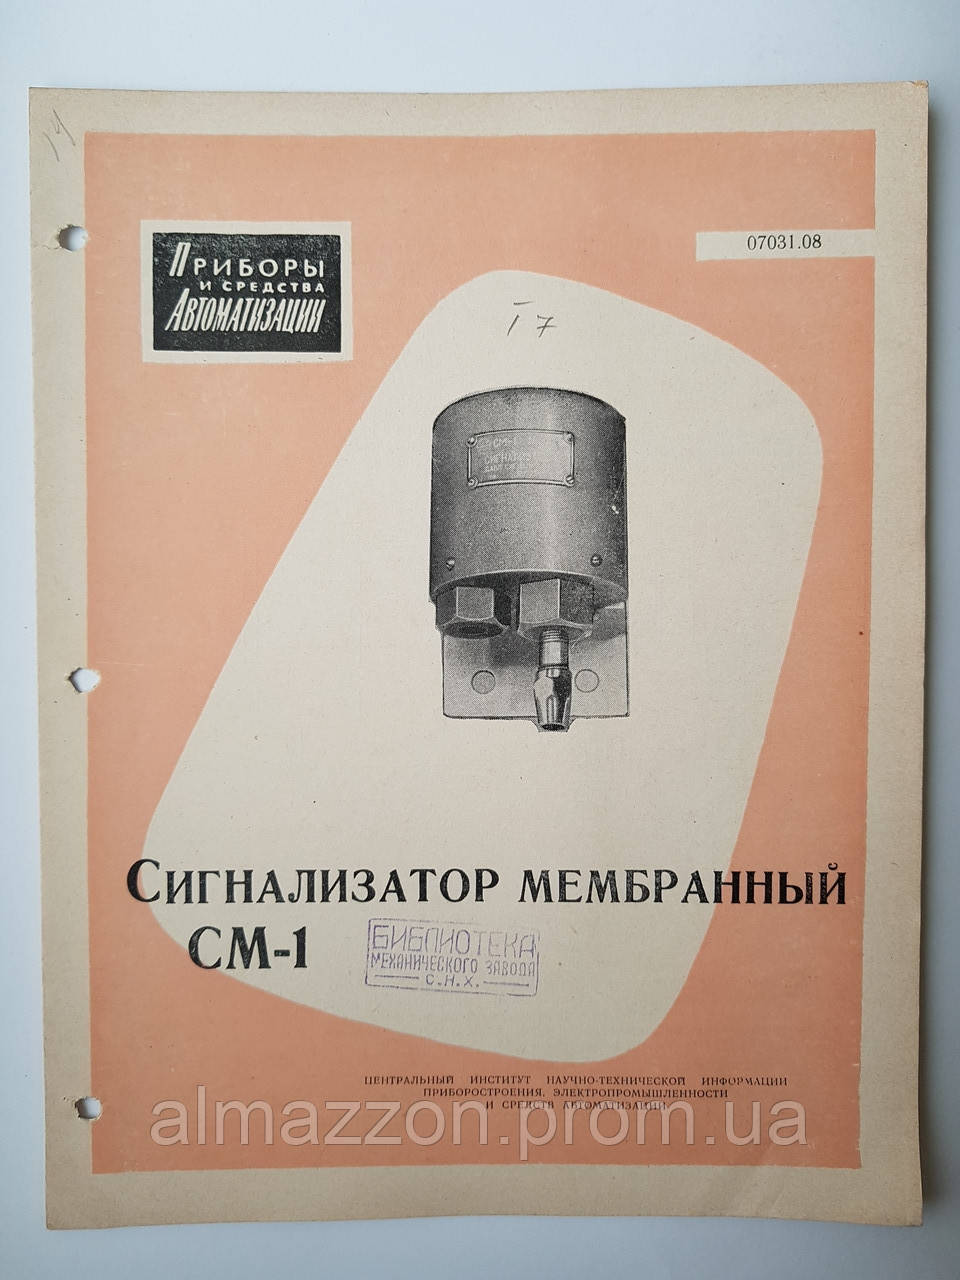 """Журнал (Бюллетень) """"Сигнализатор мембаранный СМ-1  07031.08"""" 1962 г."""